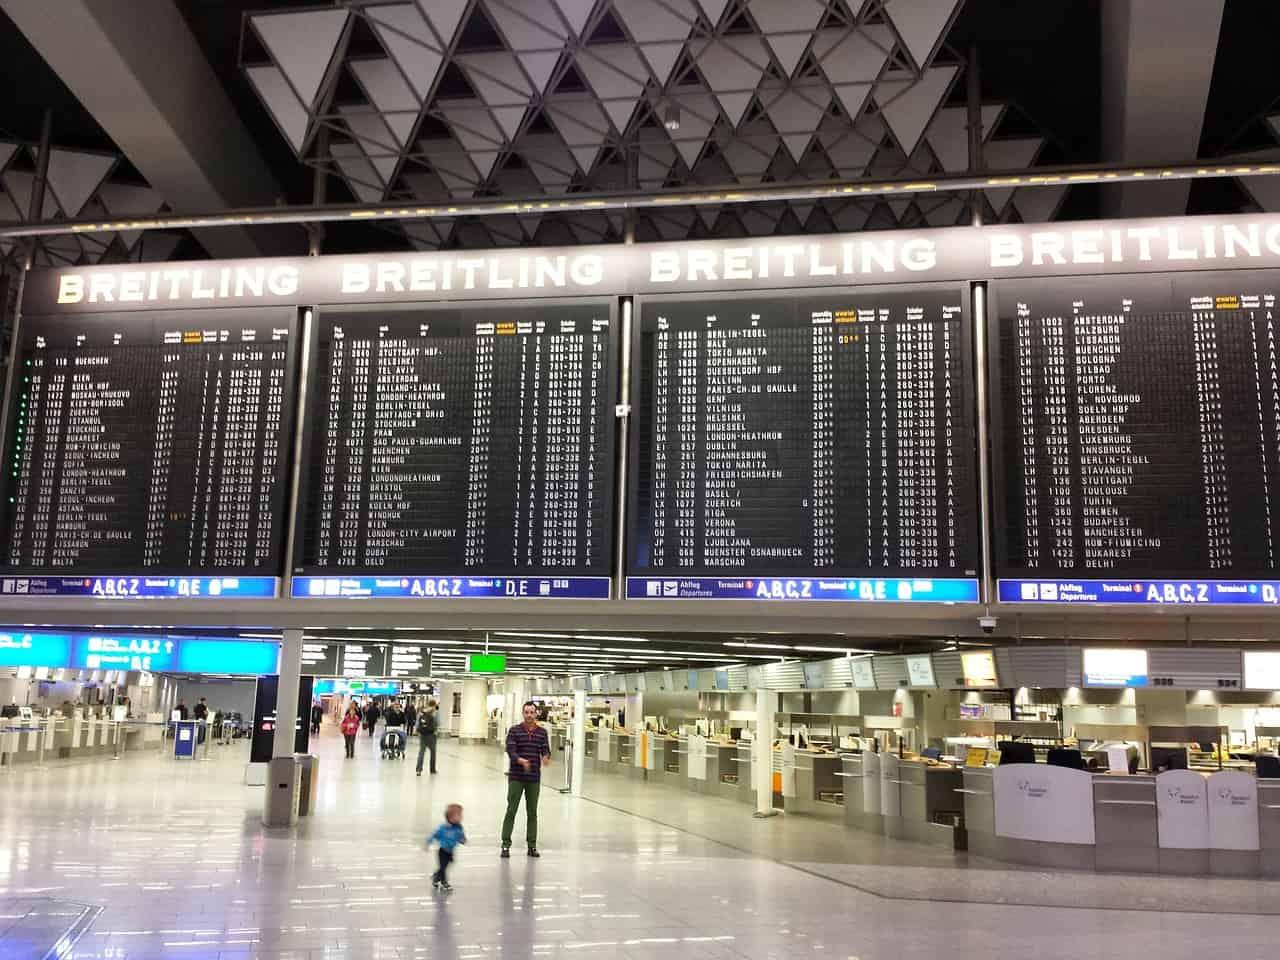 WoW Air Insolvent - Billig Airline sagt Alle Flüge ab